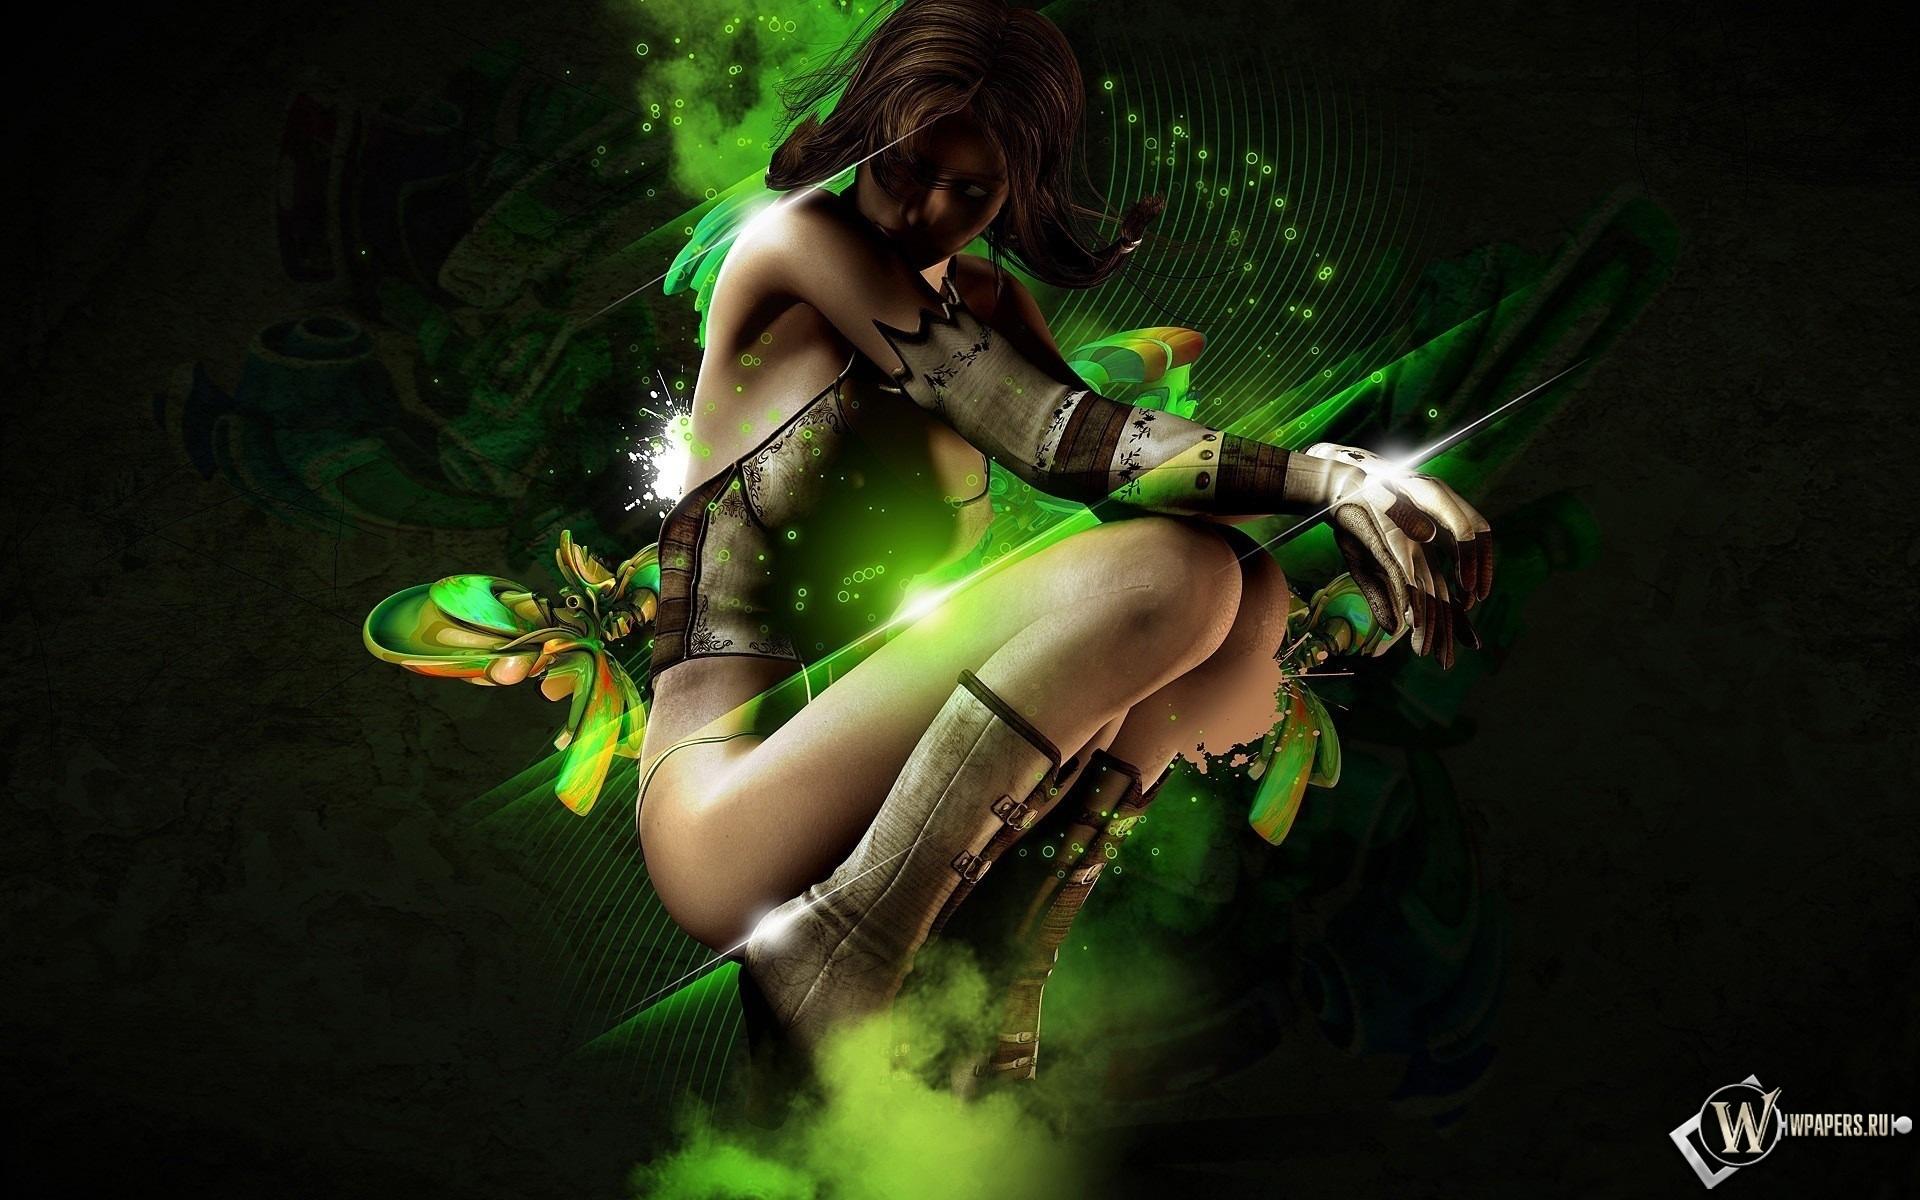 3D девушка на зелёном фоне 1920x1200